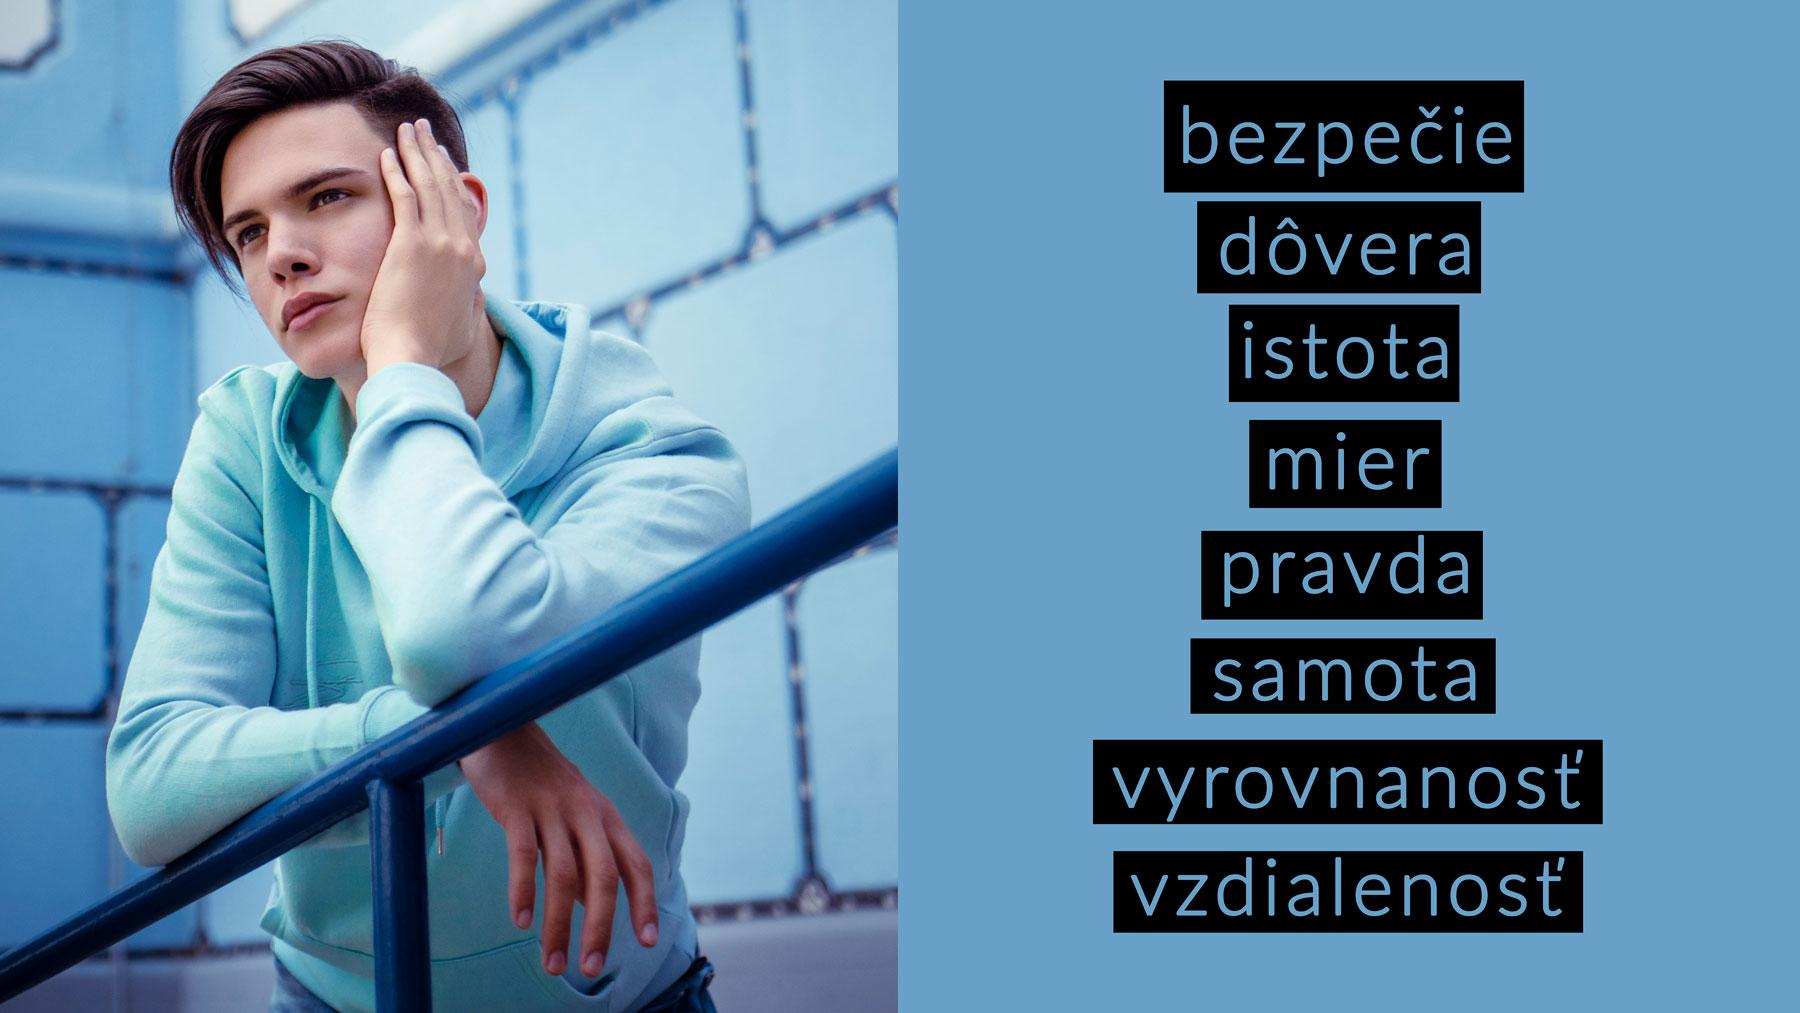 Peter Plichta psychológia farieb vo fotke modrá